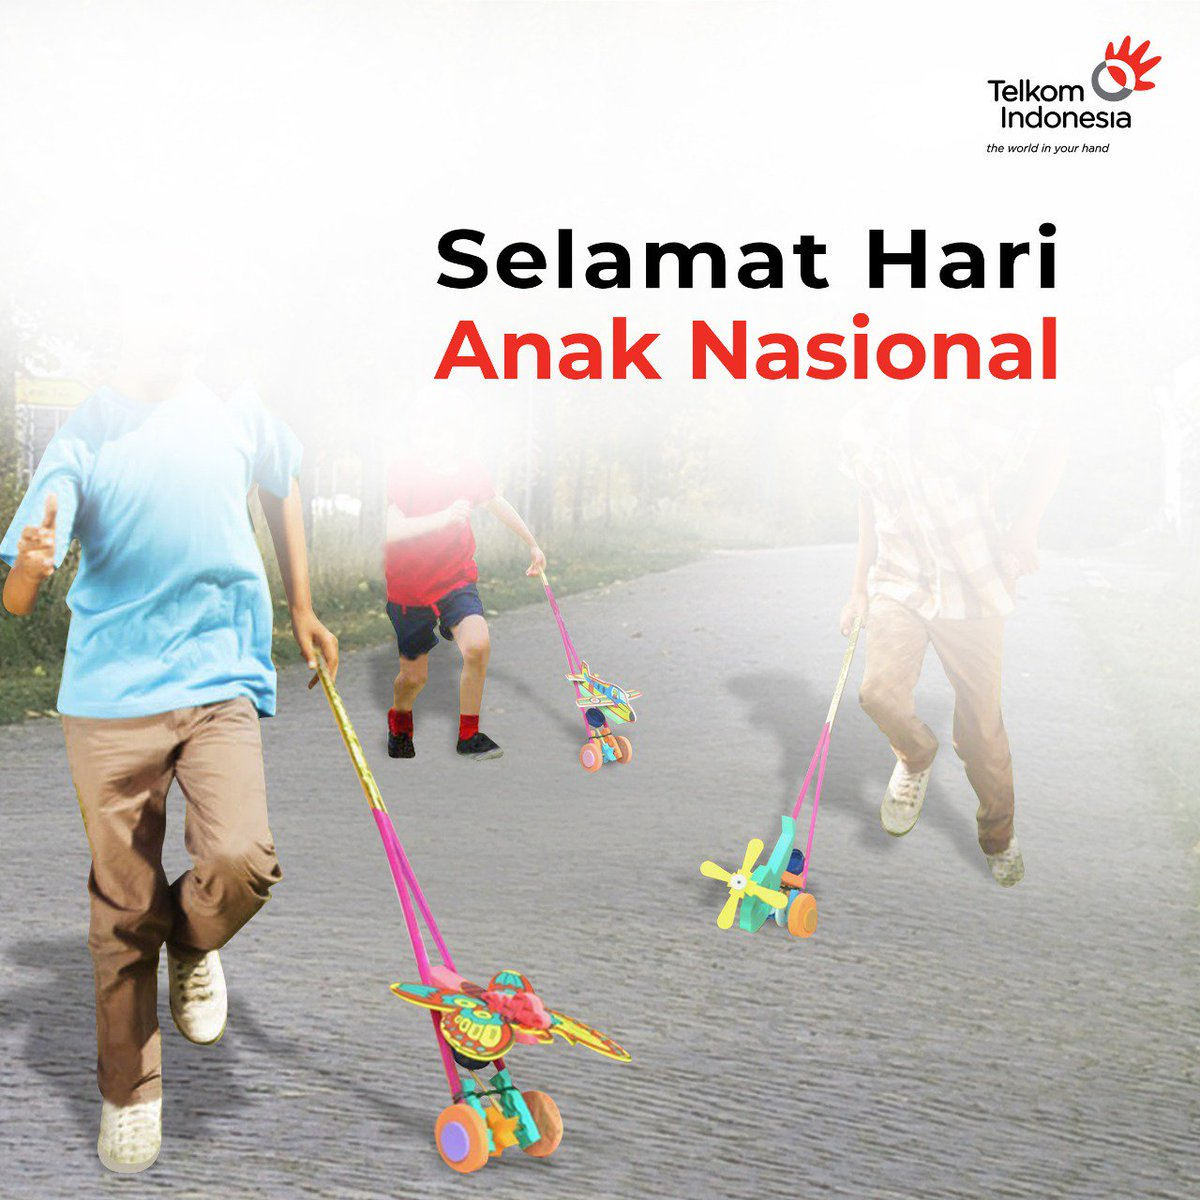 Telkom Indonesia على تويتر Indahnya Masa Kanak Kanak Dinilai Dari Serunya Mereka Berinteraksi Bersama Teman Dan Memainkan Permainan Tradisional Favorit Yang Penuh Dengan Imajinasi Bukan Karena Seberapa Sering Mereka Menghabiskan Waktu Di Dunia